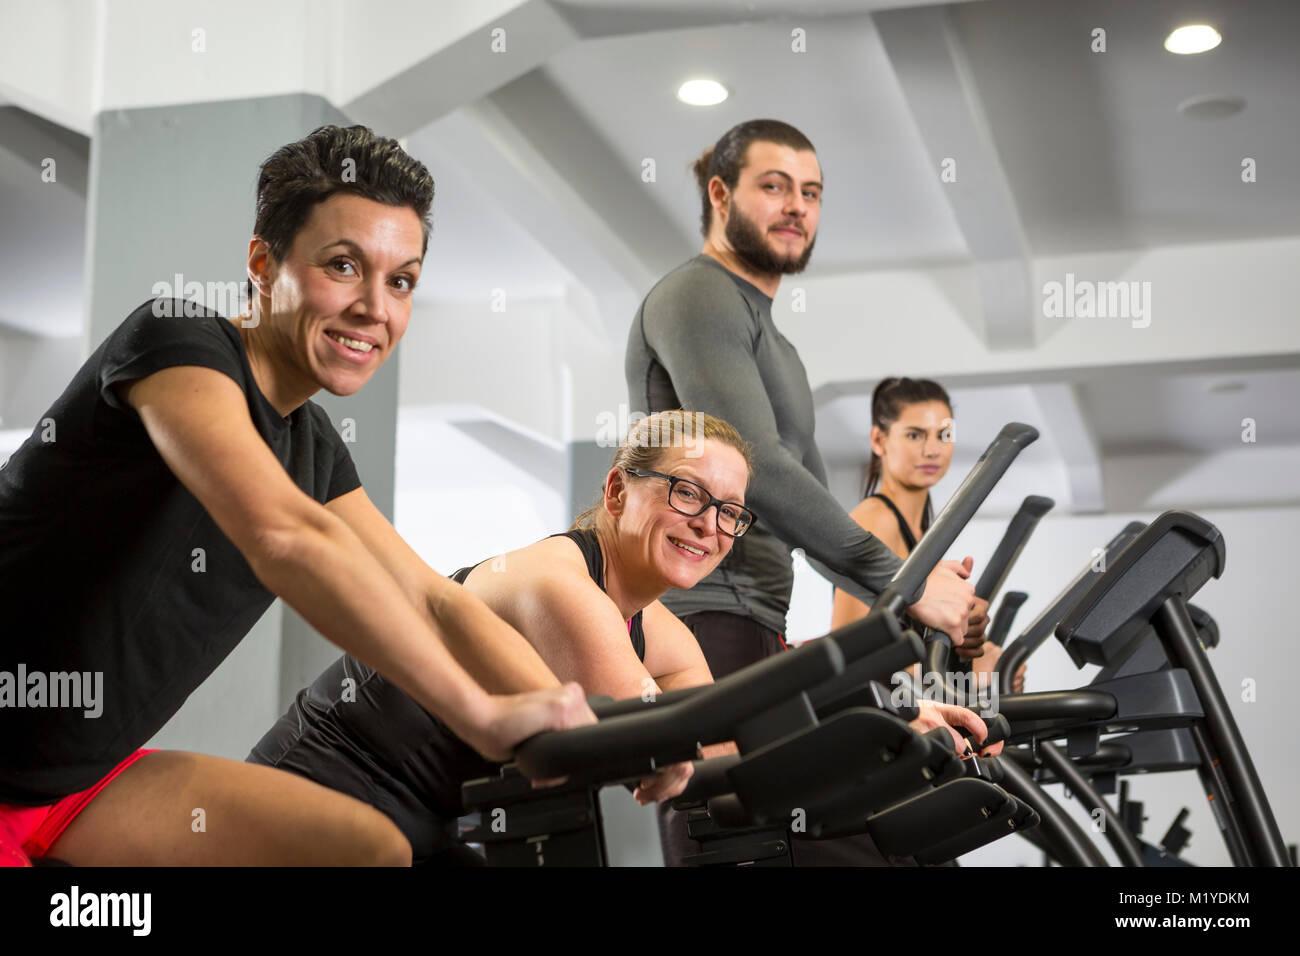 Tres mujeres y un hombre a entrenar en un gimnasio con máquinas de cardio. Todas tienen expresiones felices. Imagen De Stock